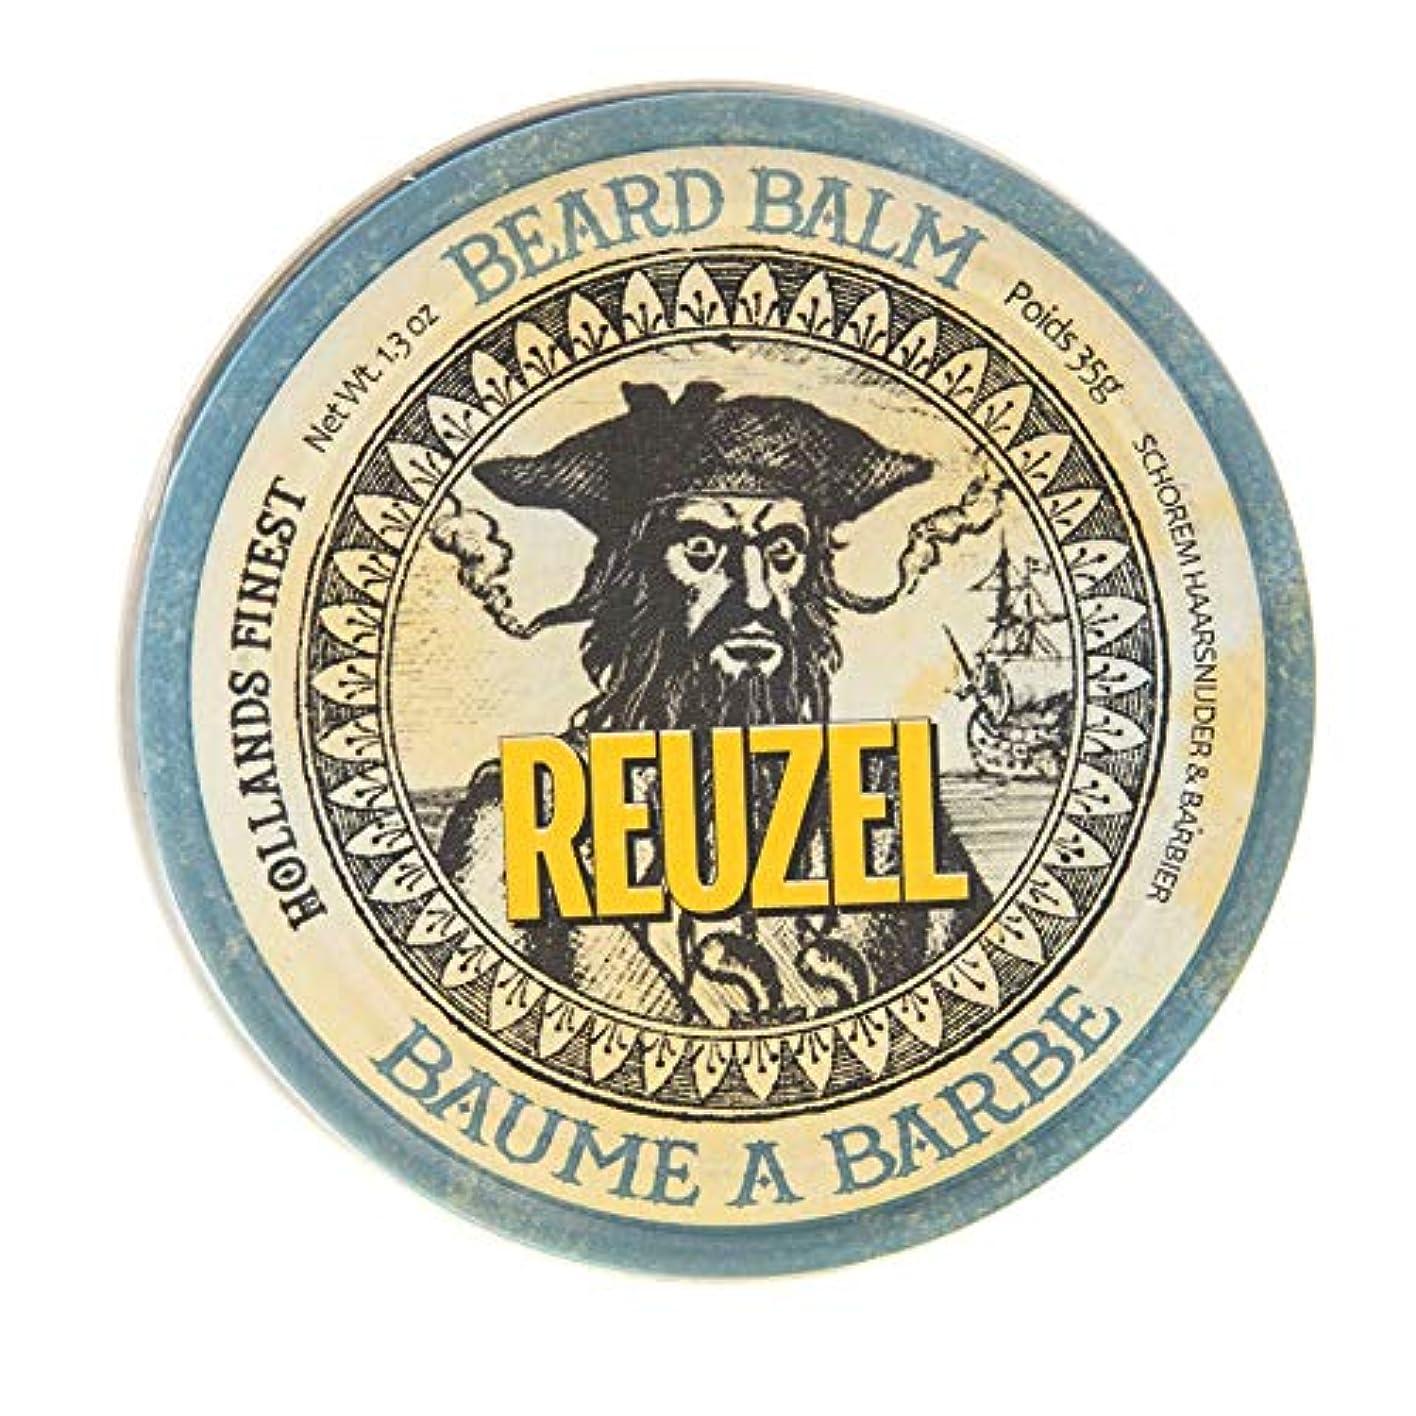 バレーボール光景プーノルーゾー ビアード バーム Reuzel Beard Balm 35 g [並行輸入品]